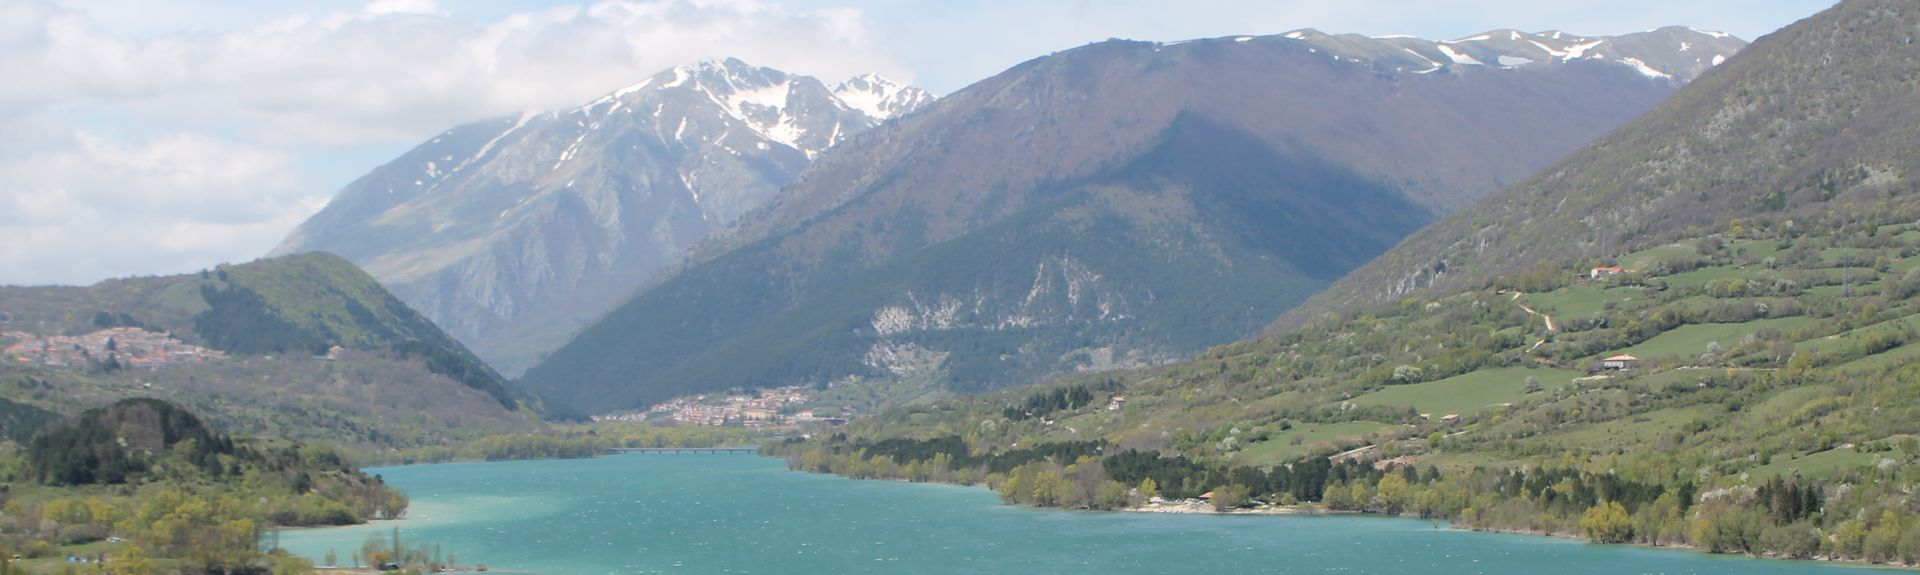 Pescasseroli, Abruzzo, Italy